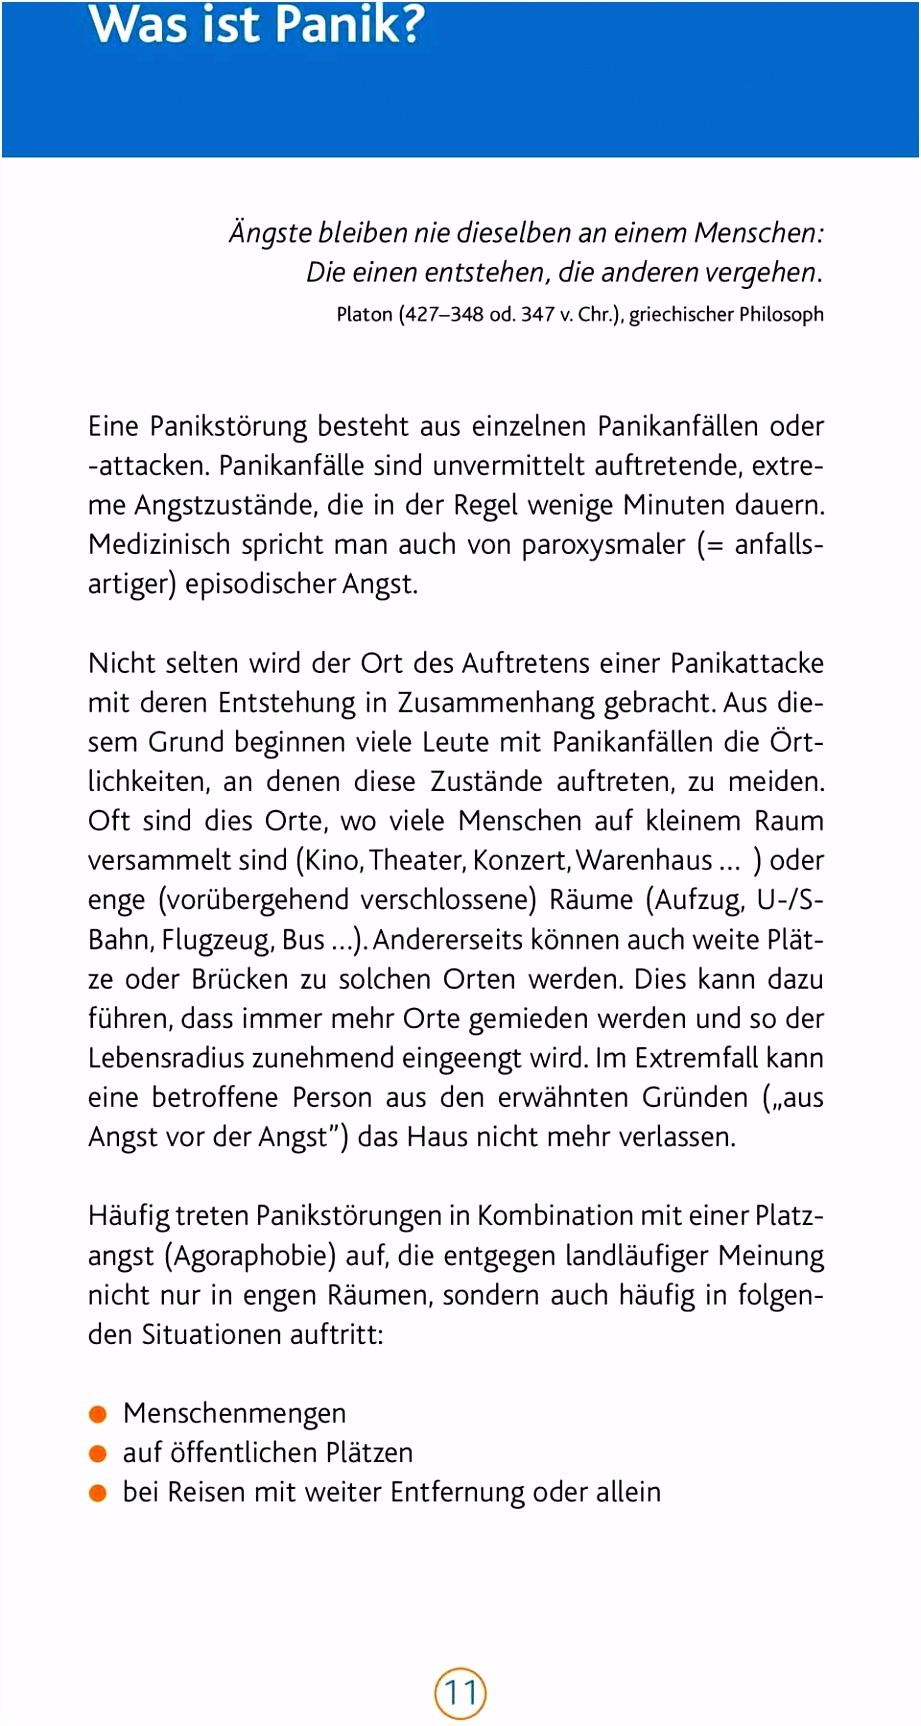 41 Detaillierte Vera Birkenbihl Lebenslauf